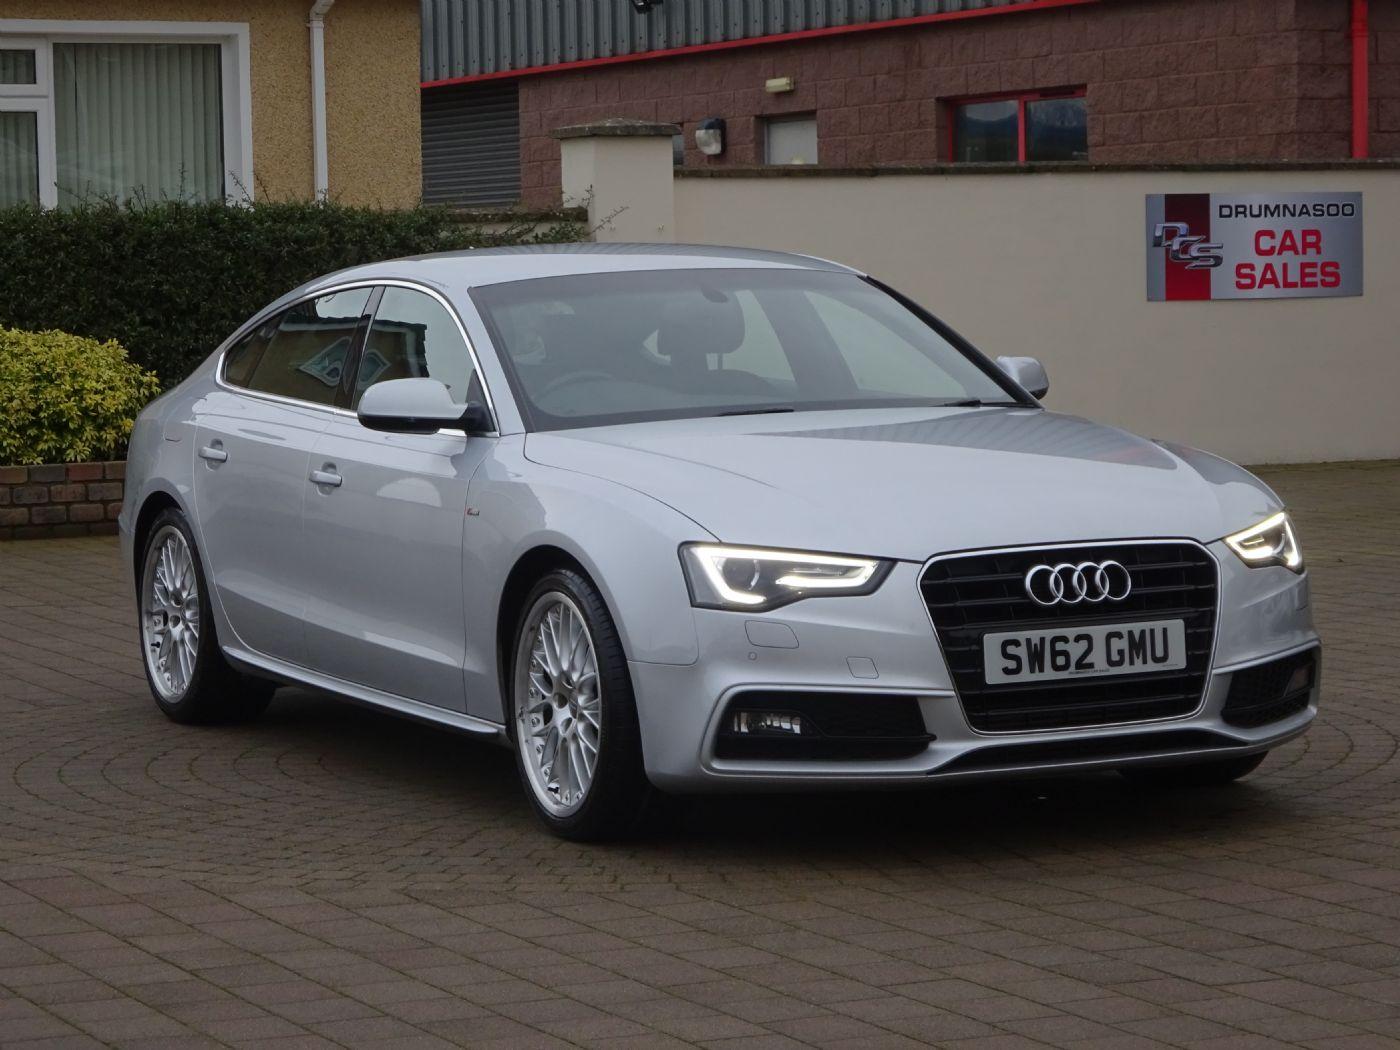 Audi A5 S Line 2.0 TDI [177] Sat nav, £30 Road tax